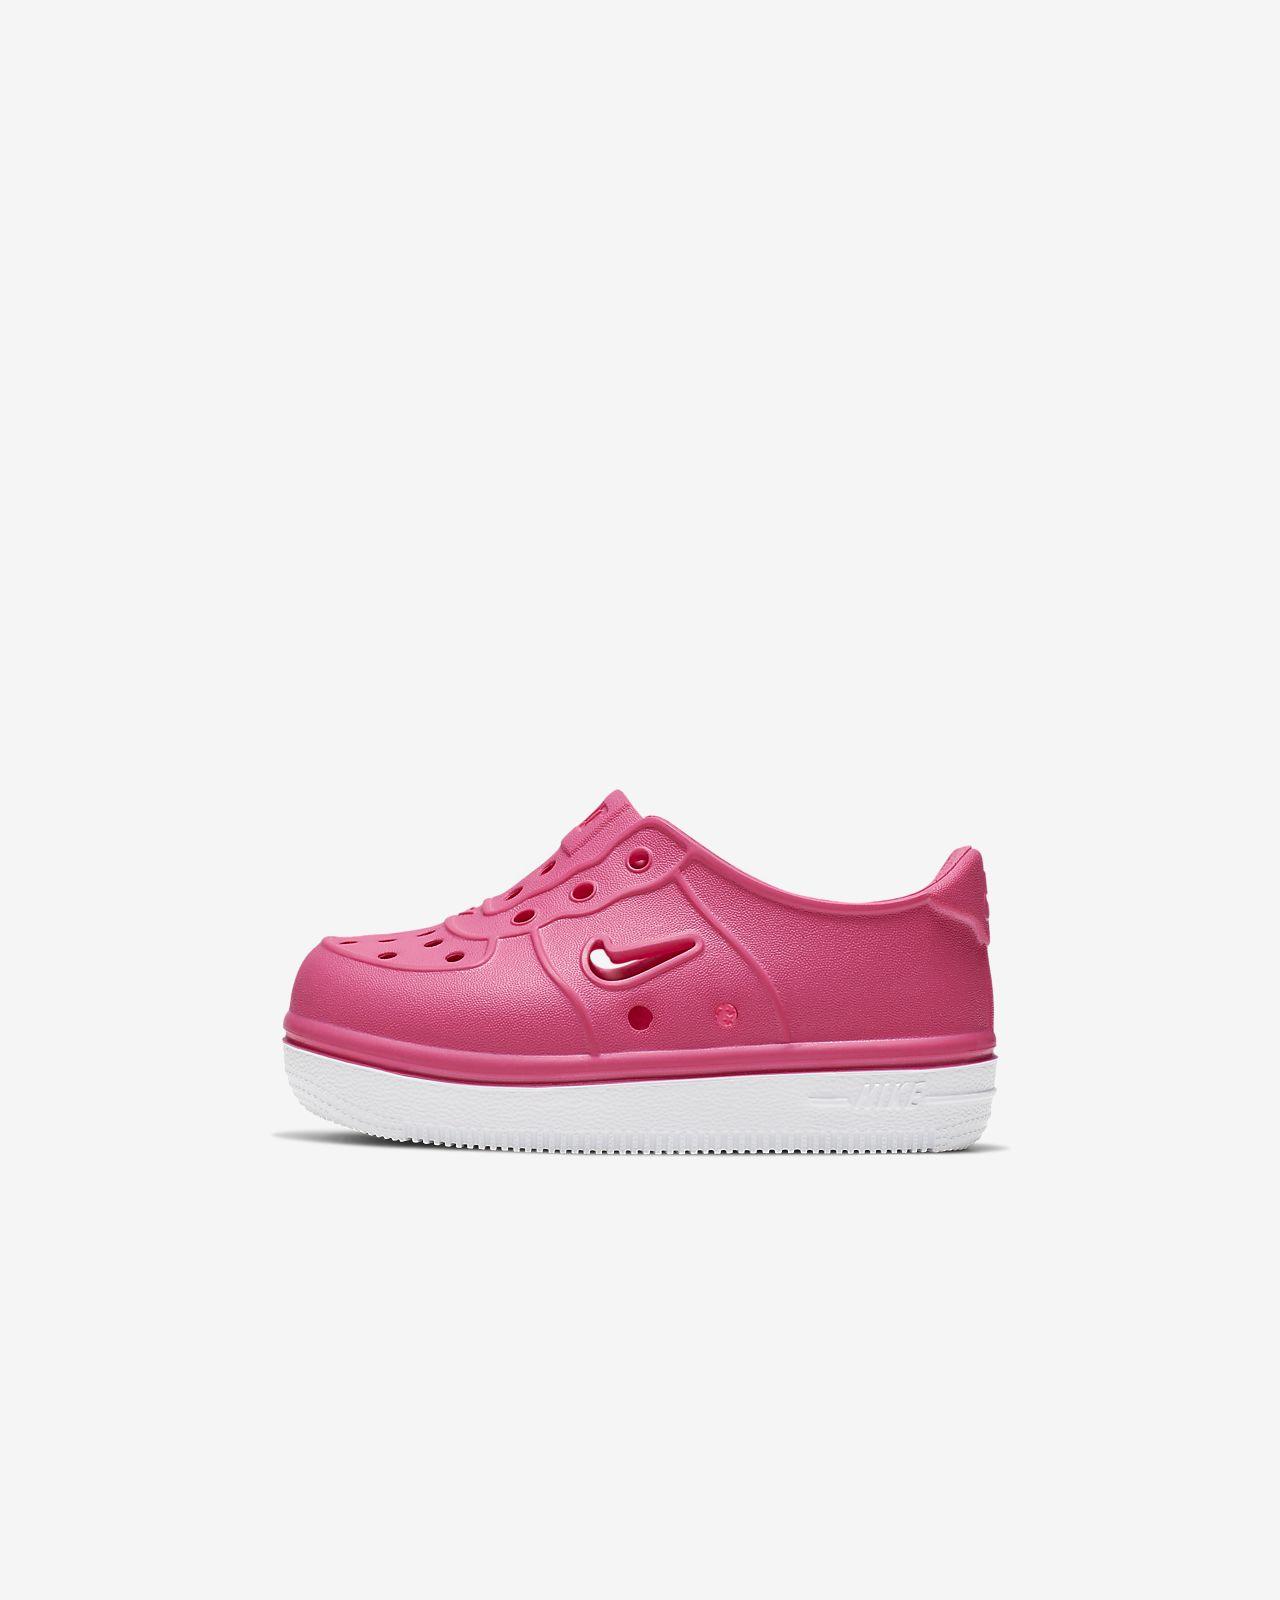 Chaussure Nike Foam Force 1 pour Bébé et Petit enfant